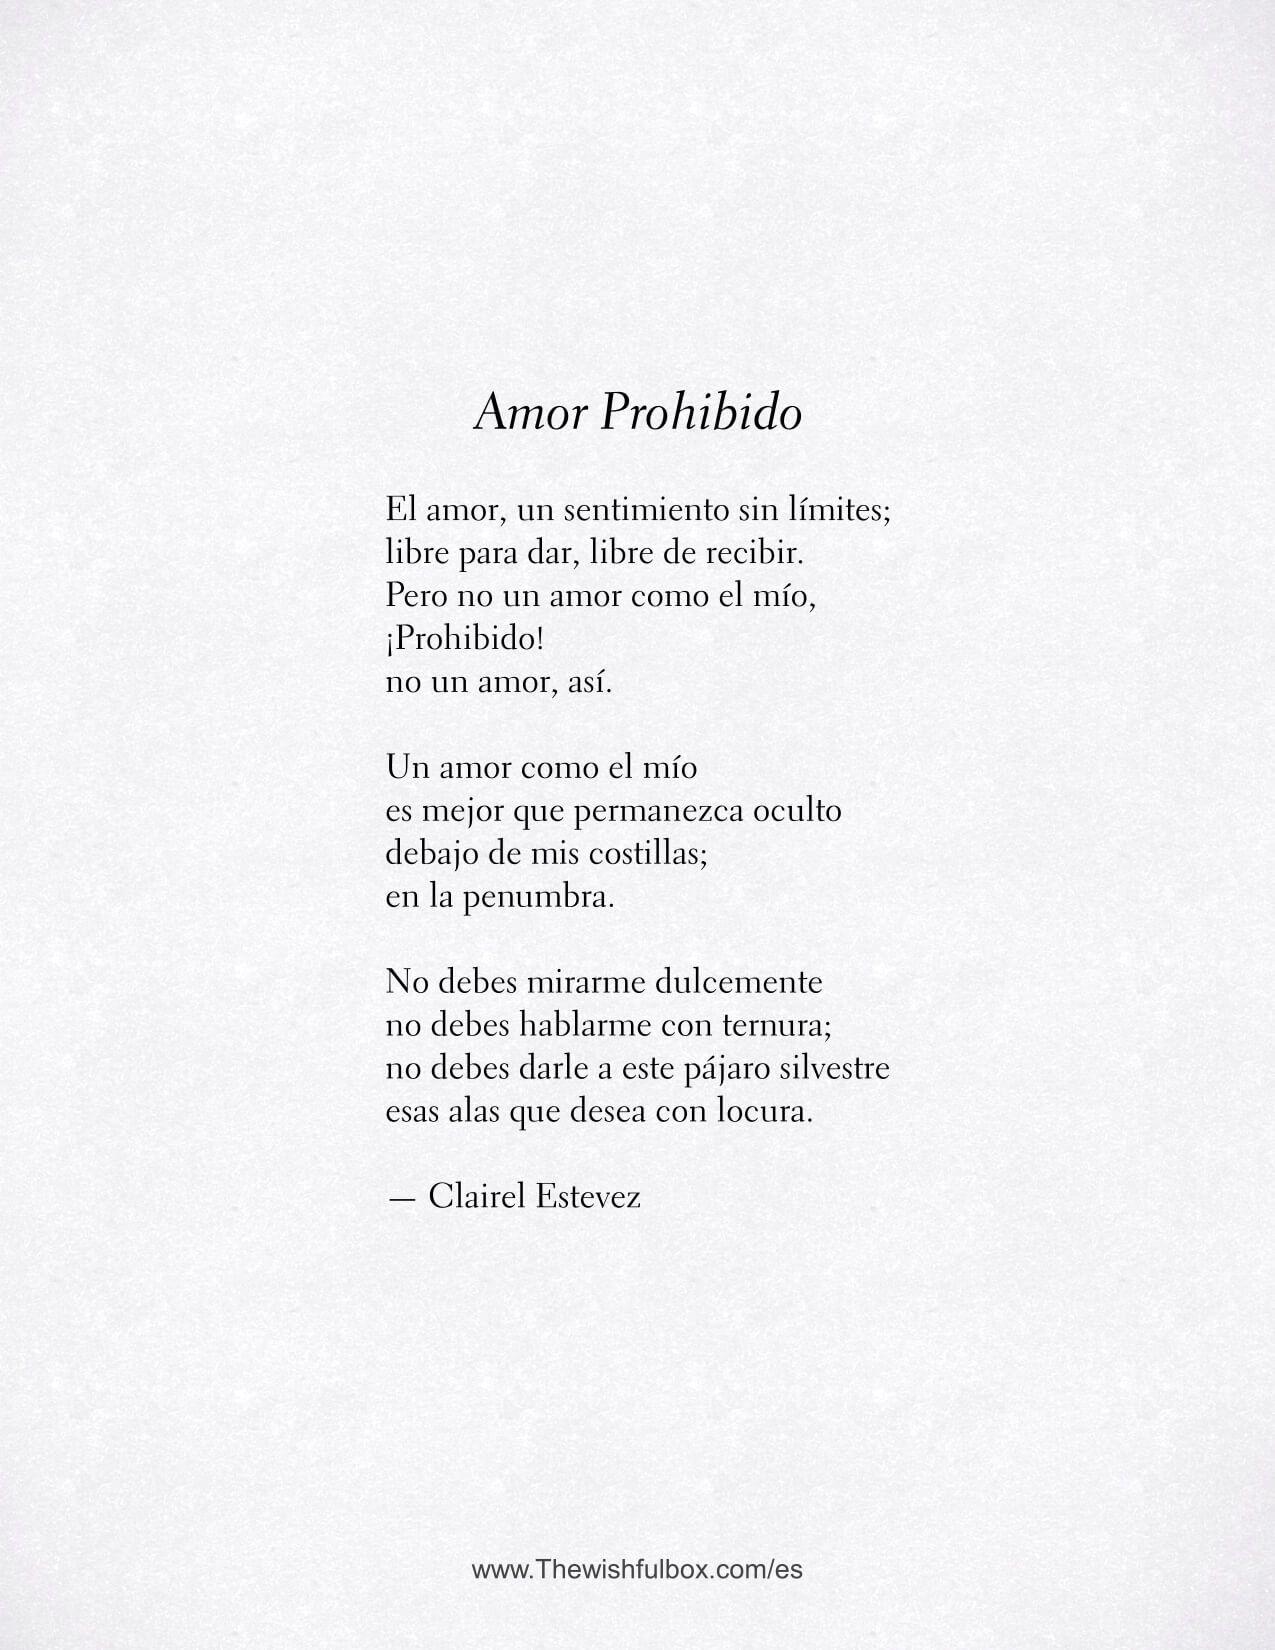 Amor Prohibido Poesía Y Poema De Amor Poema De Amor Poemas De Amor Libros Letras De Poemas